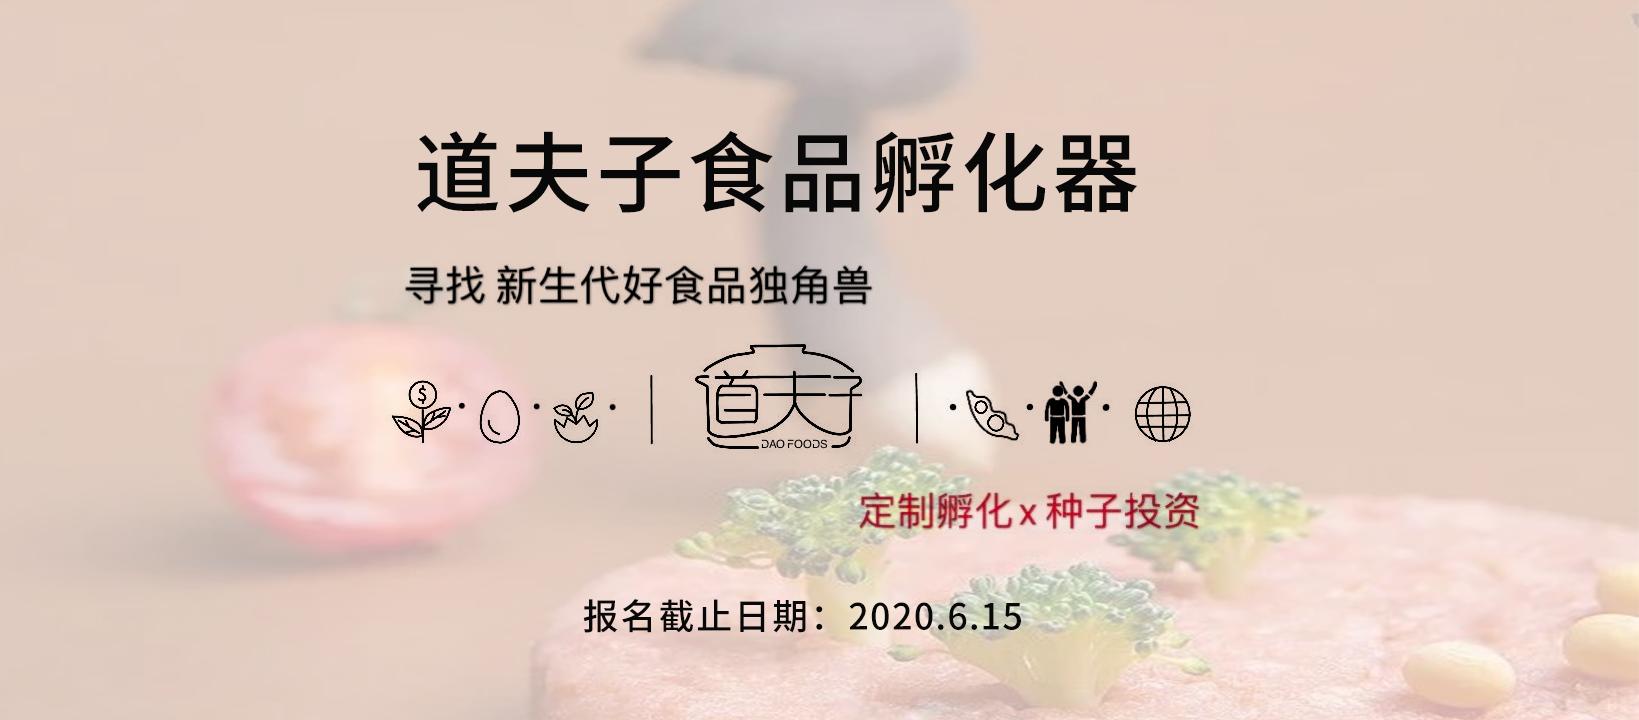 食品孵化器banner